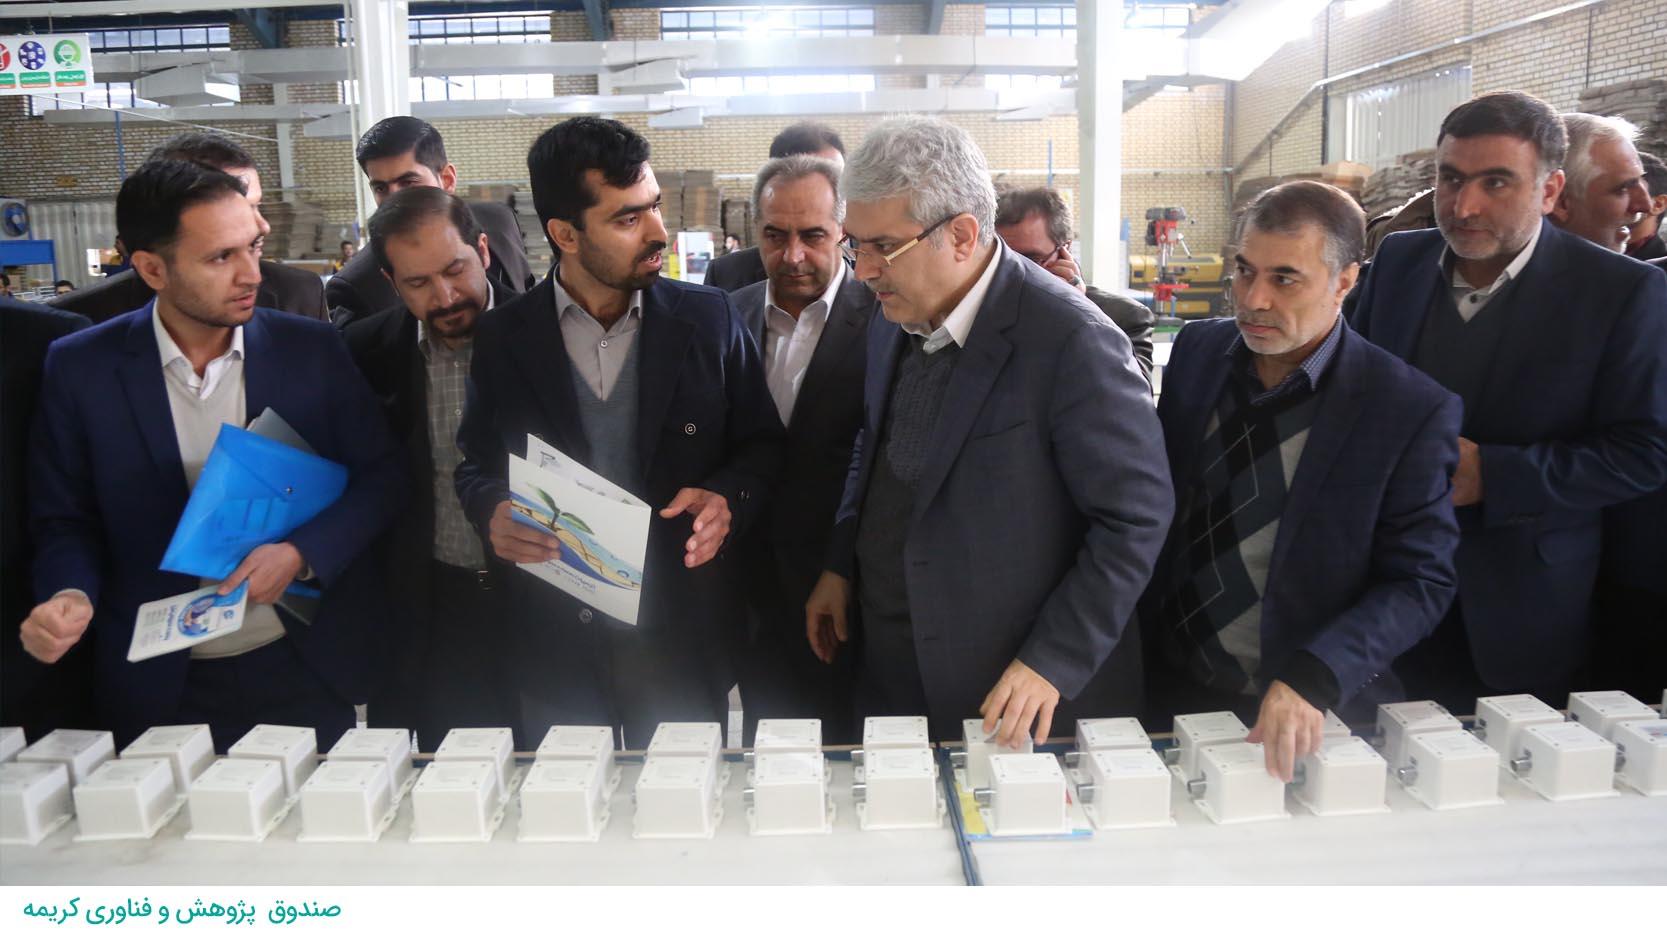 سفر استانی دکتر ستاری معاون علمی و فناوری ریاست جمهوری به قم